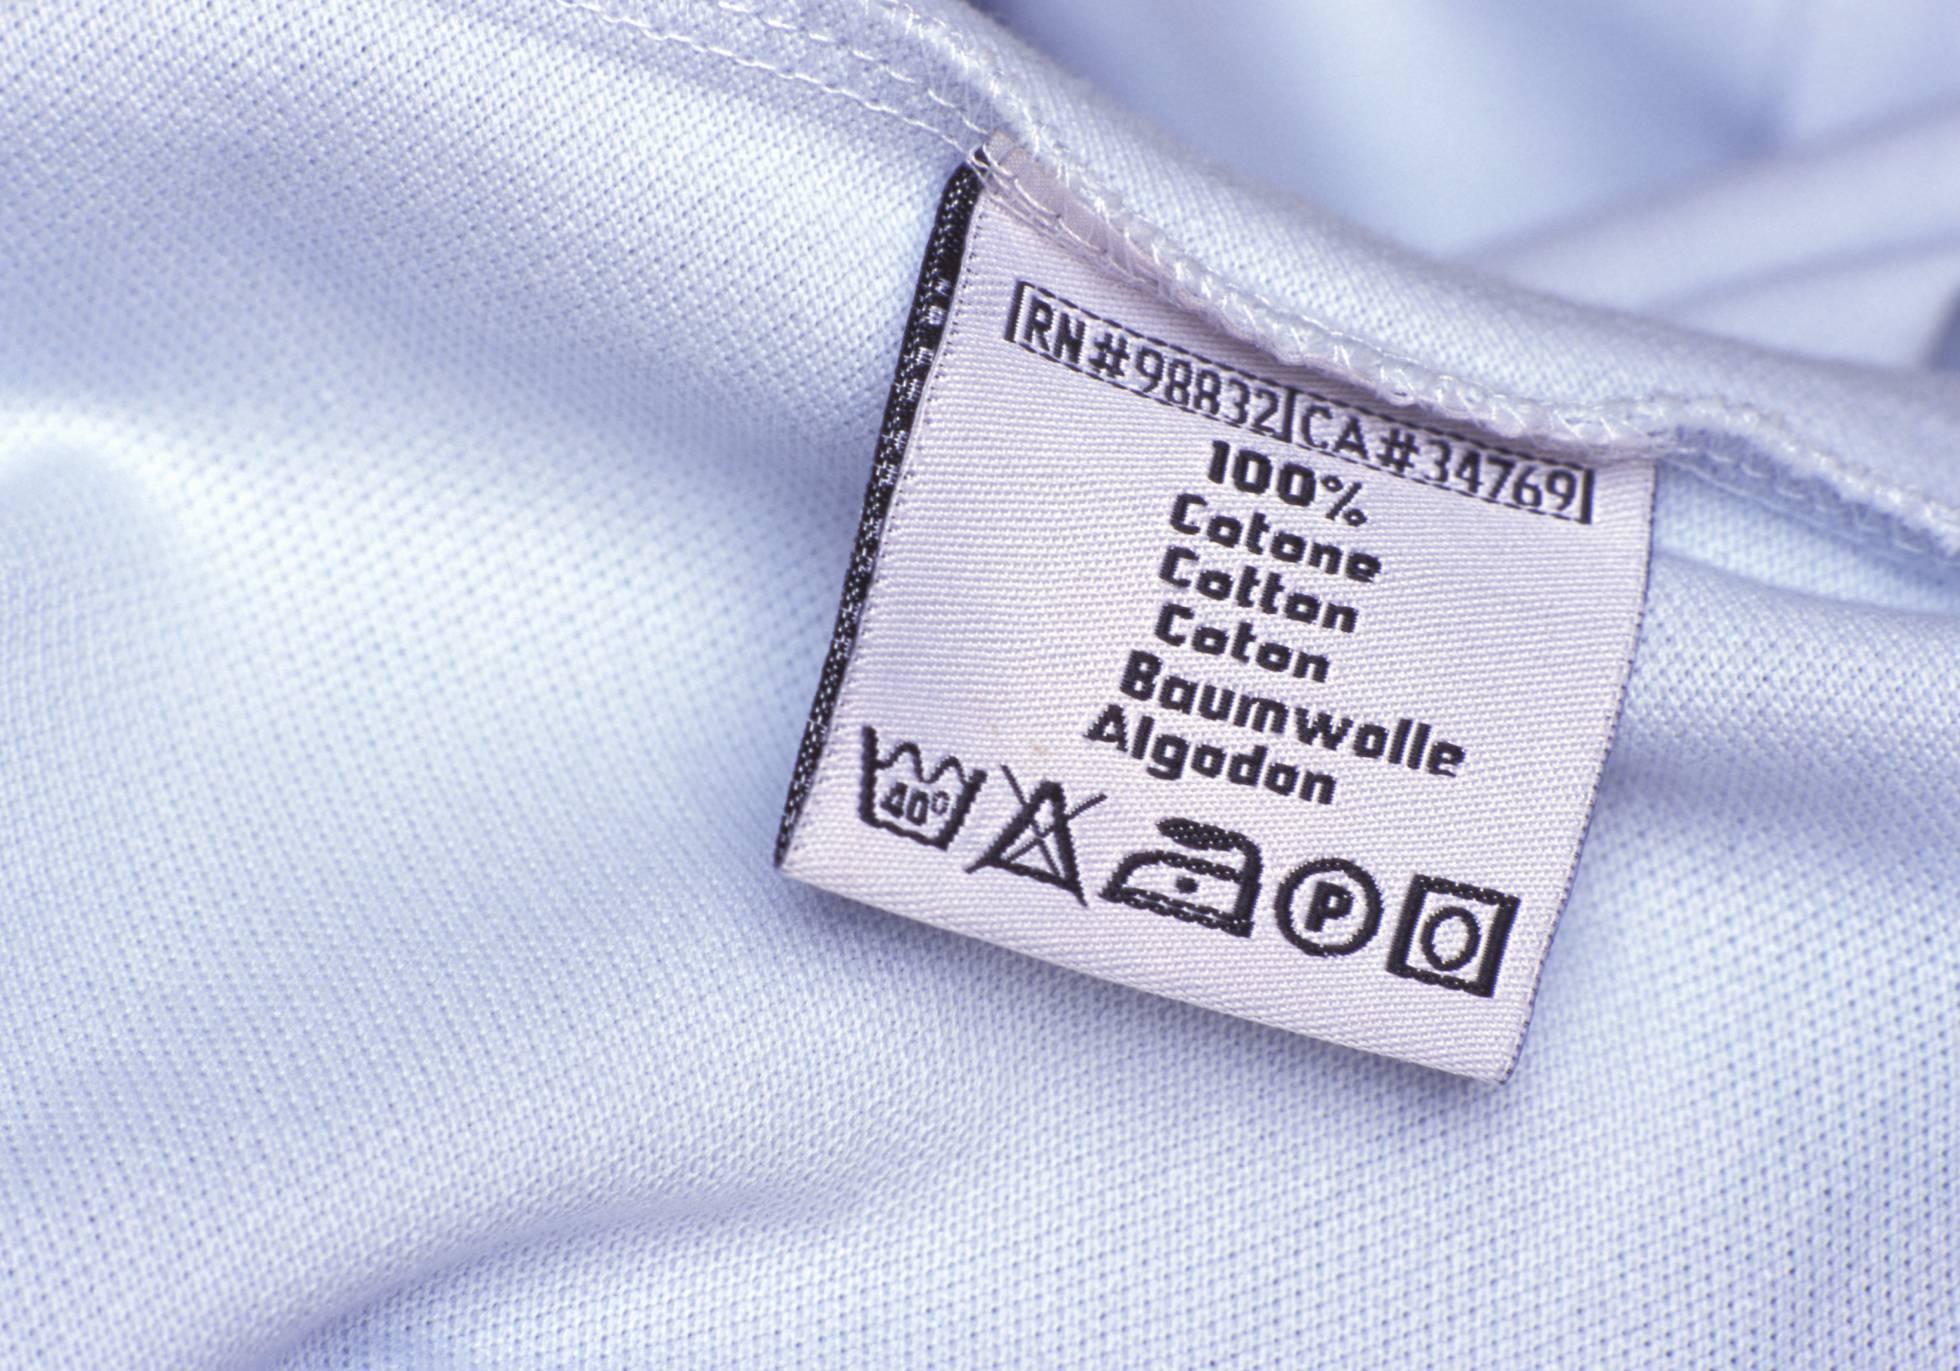 Chci zavěsit tričko